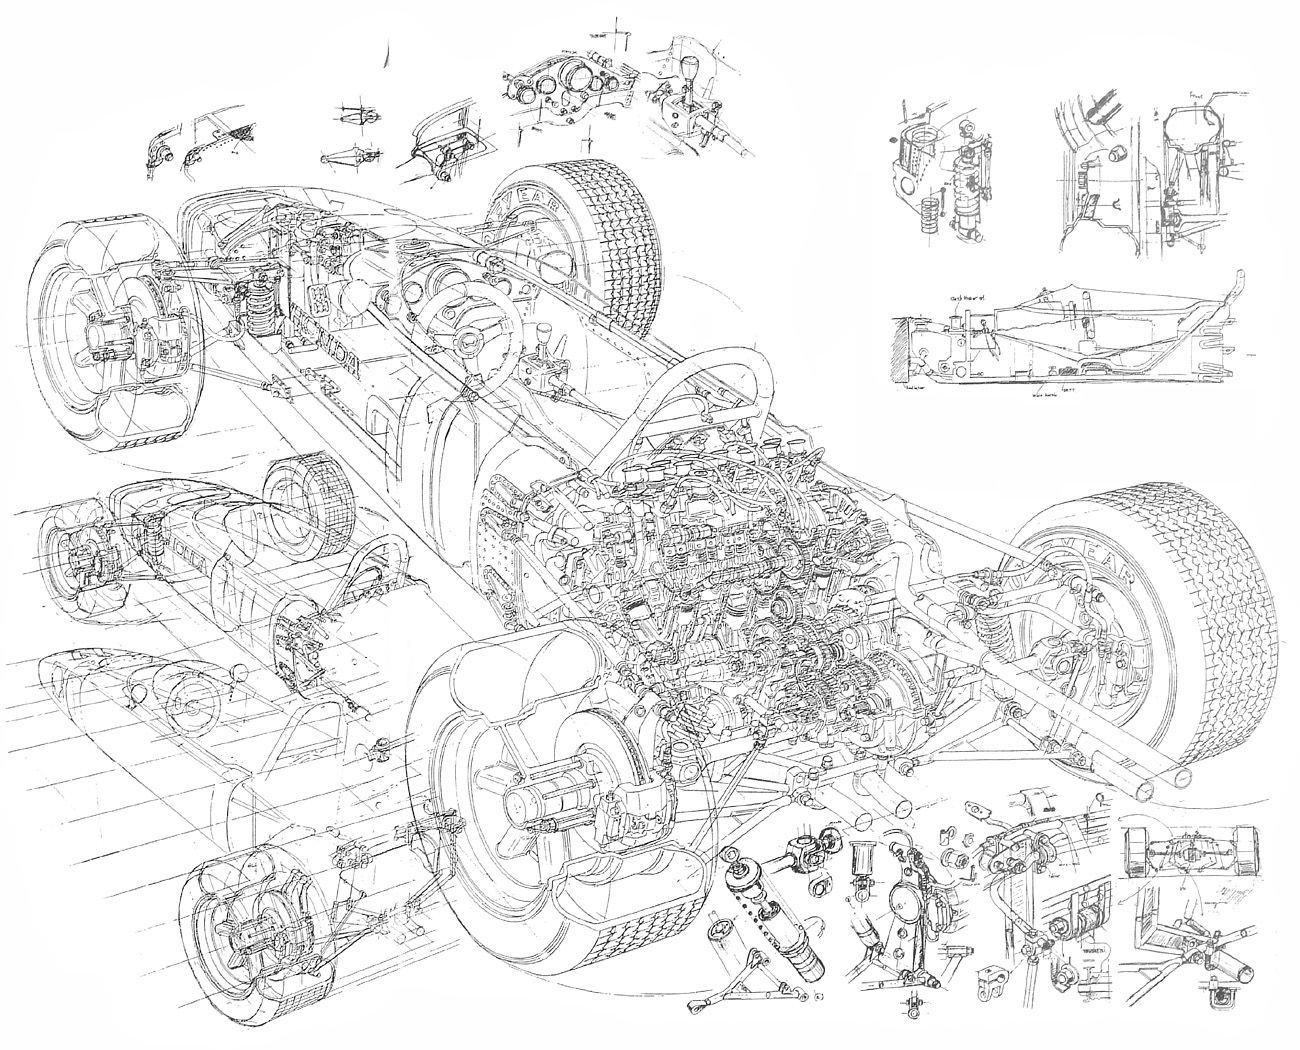 1965 honda ra272 formula 1 line construction artwork for